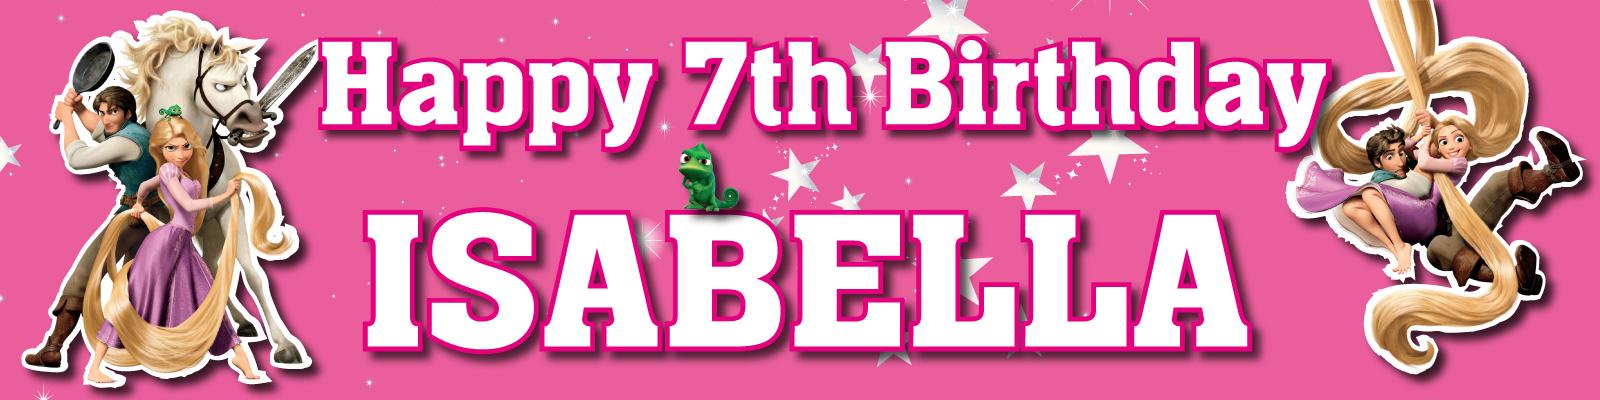 tangled-birthday-banner.jpg